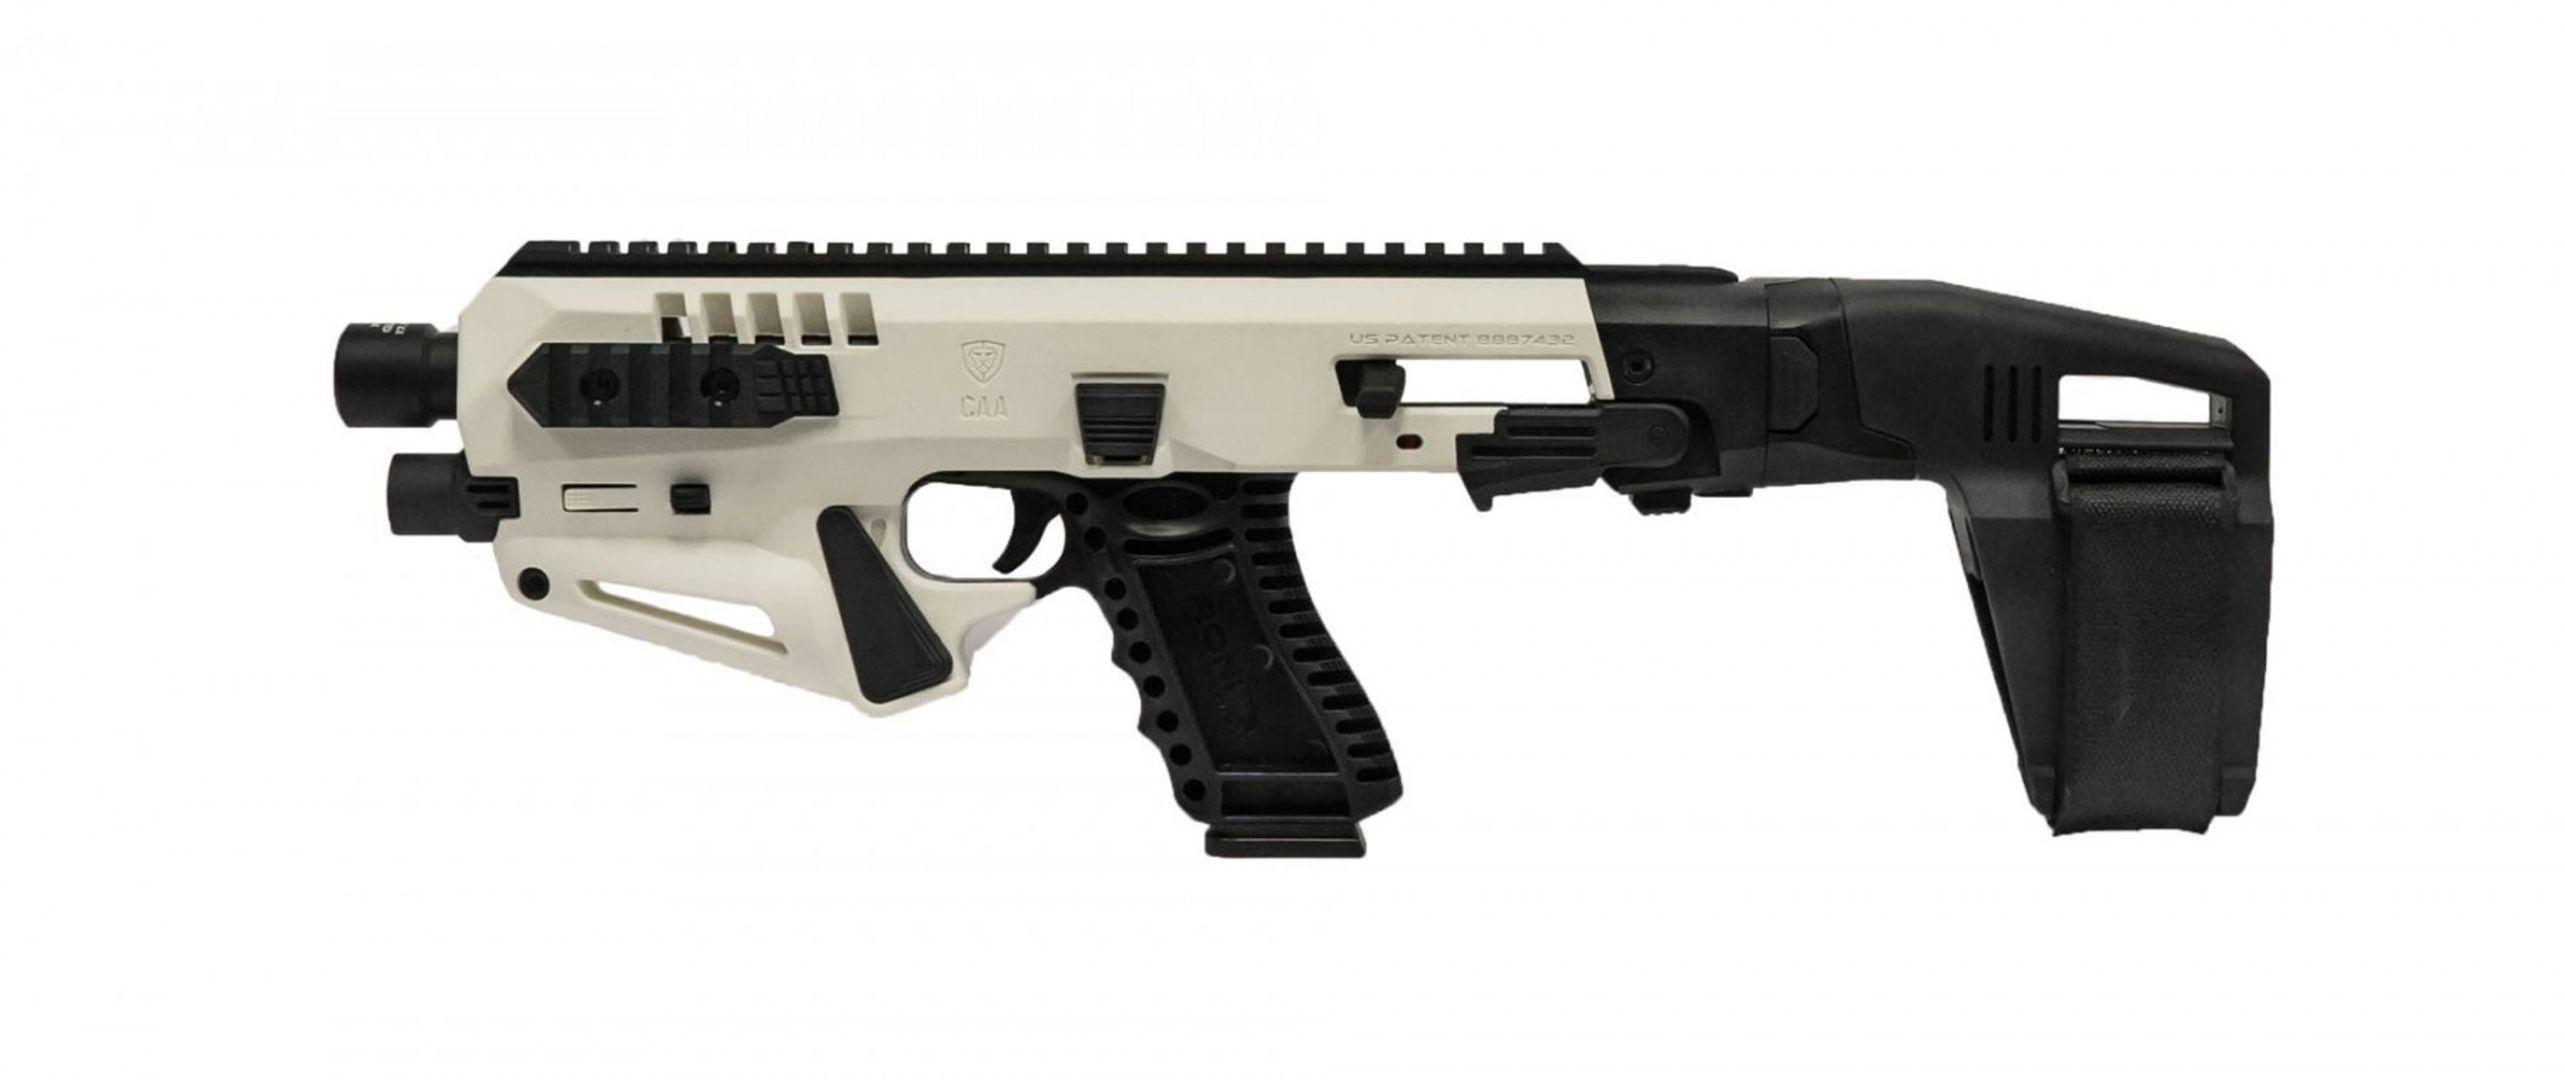 Micro Roni Stab X Gen 4 White